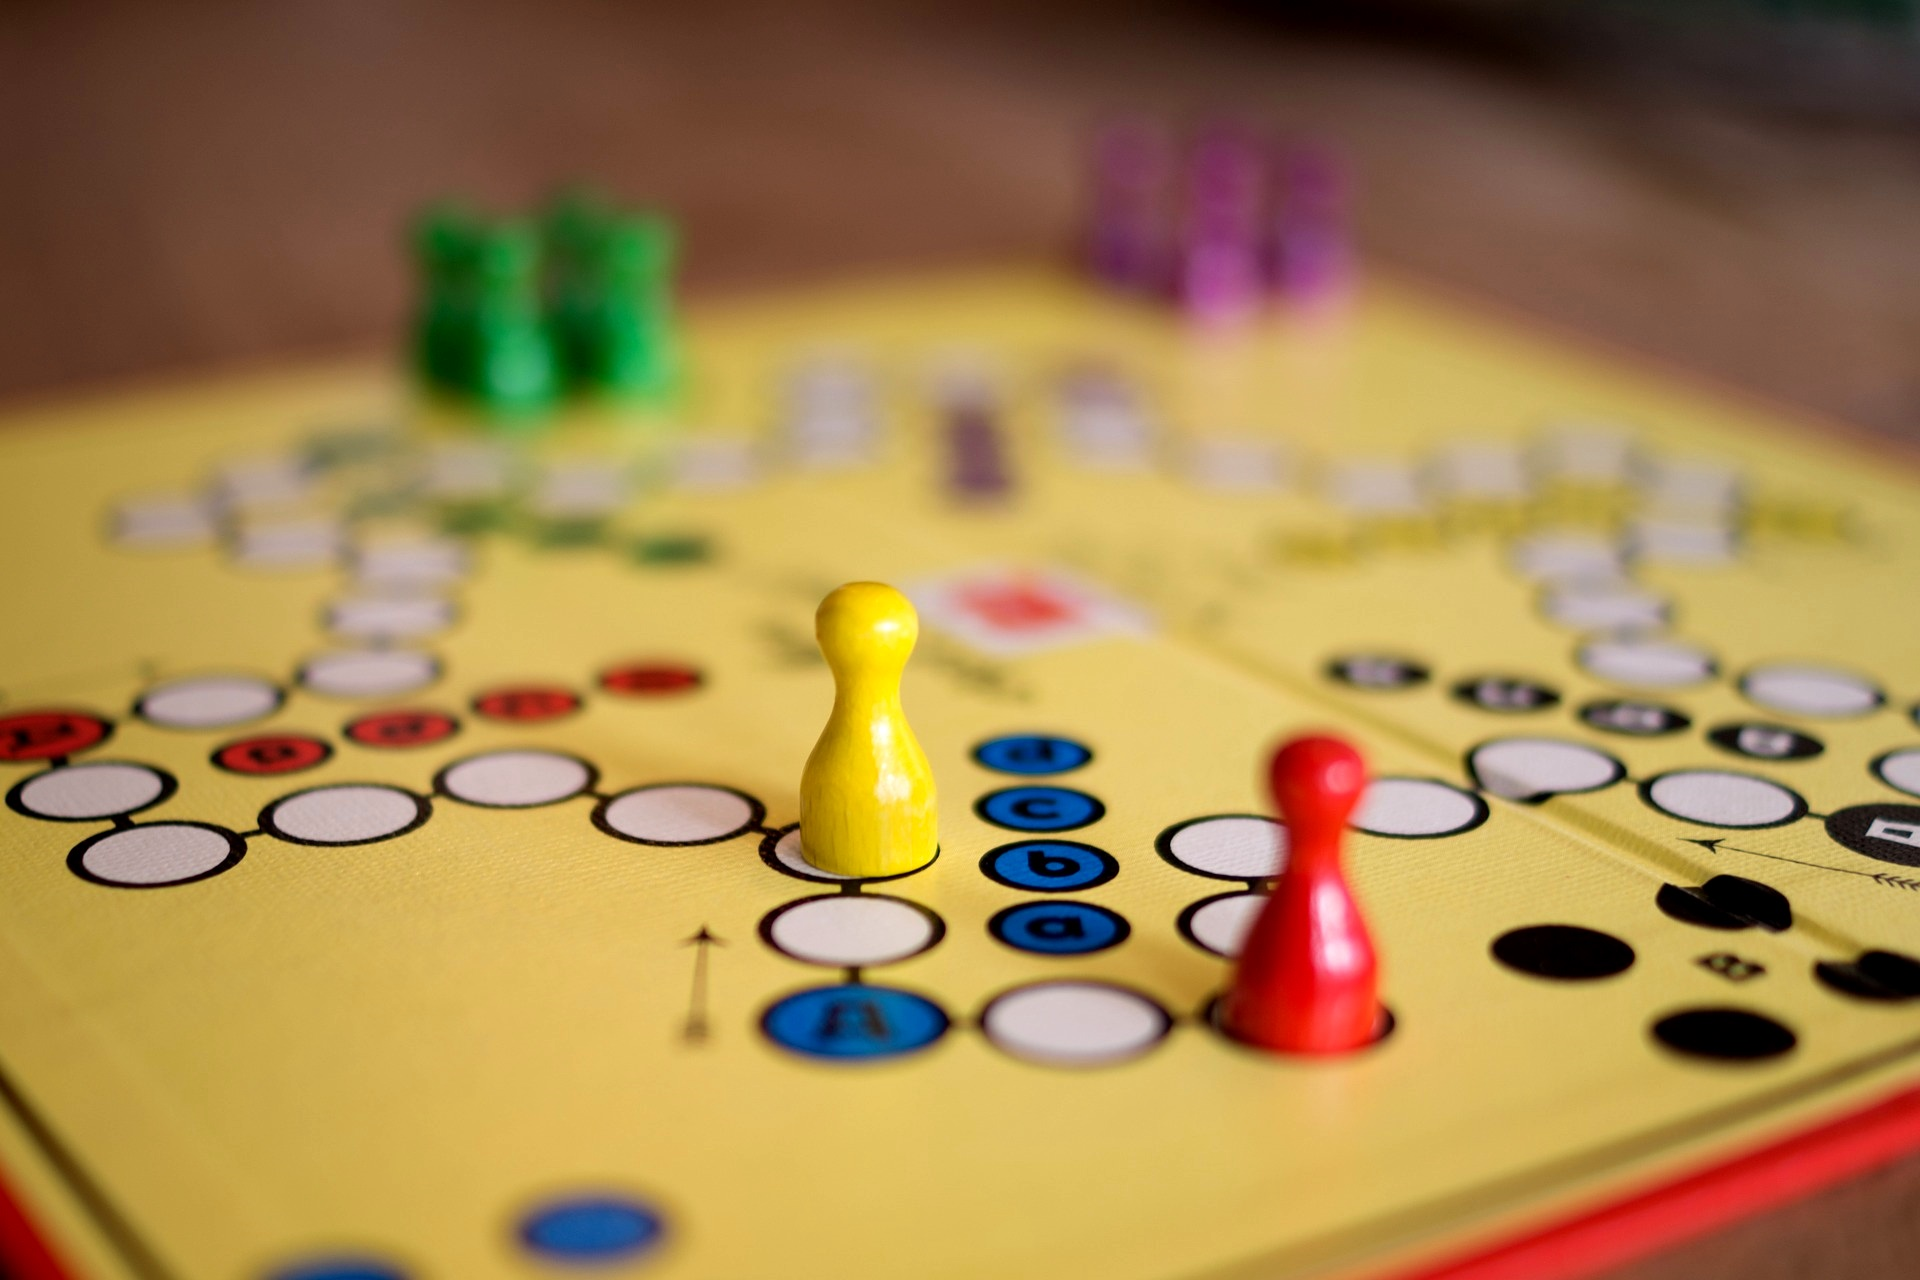 Verhandlungsspiele Interview Machtspiel Verkauf Vertrieb Verkäufer Termin Verhandlung Verhandlungsseminar Unruhe Verhandlungsgegner verhandlen